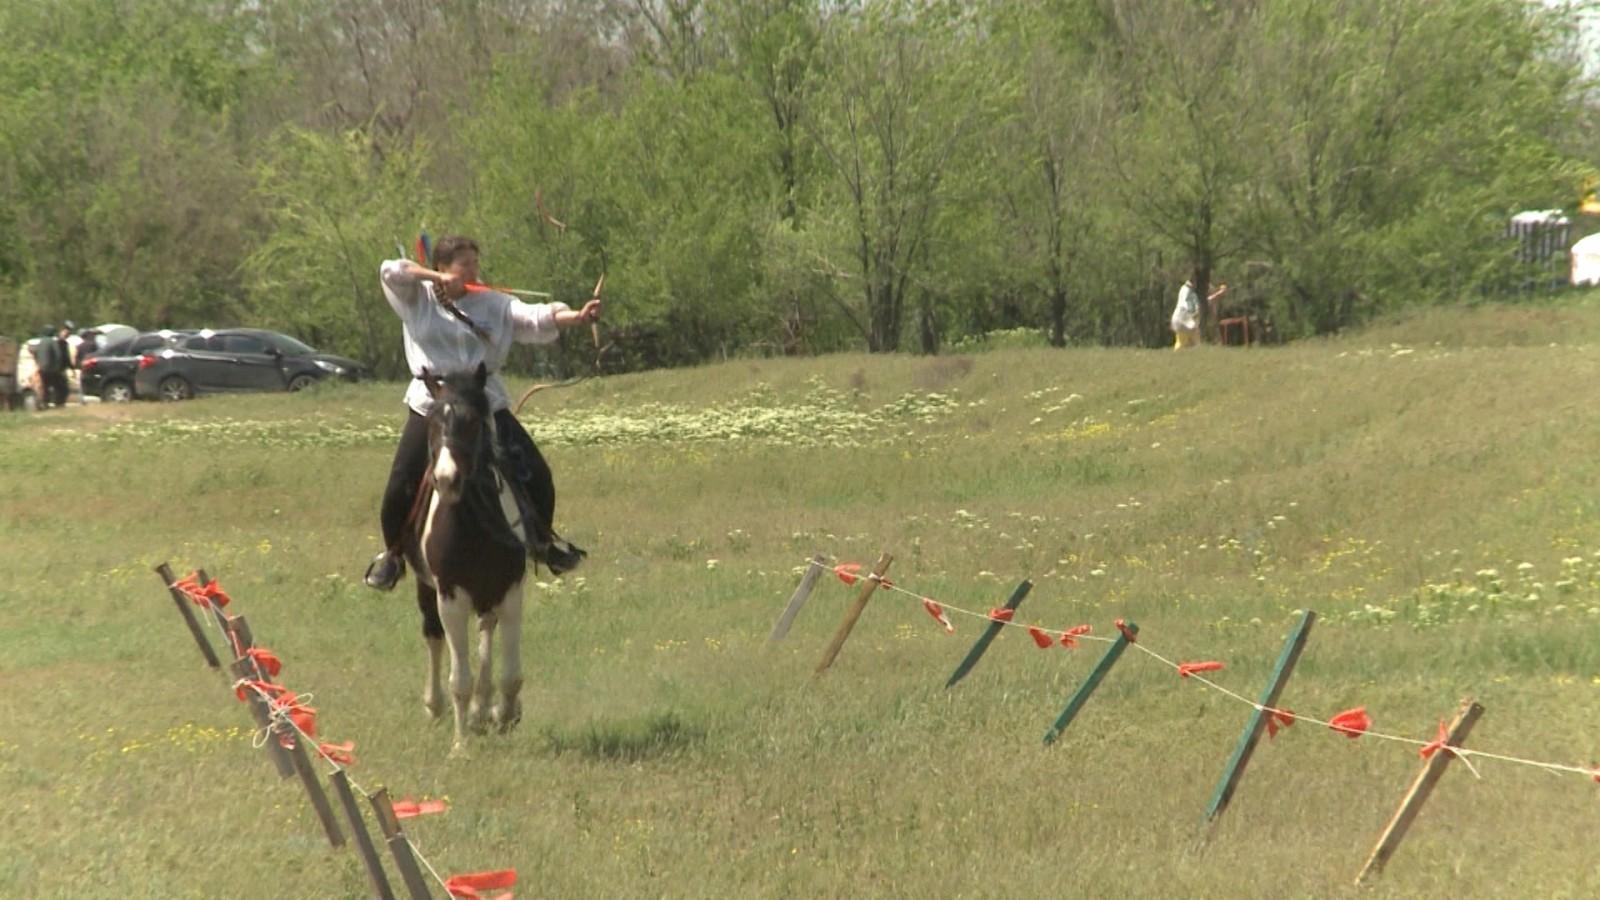 В районе Сити-Чесс состоялся турнир по конной стрельбе из лука и национальной борьбе